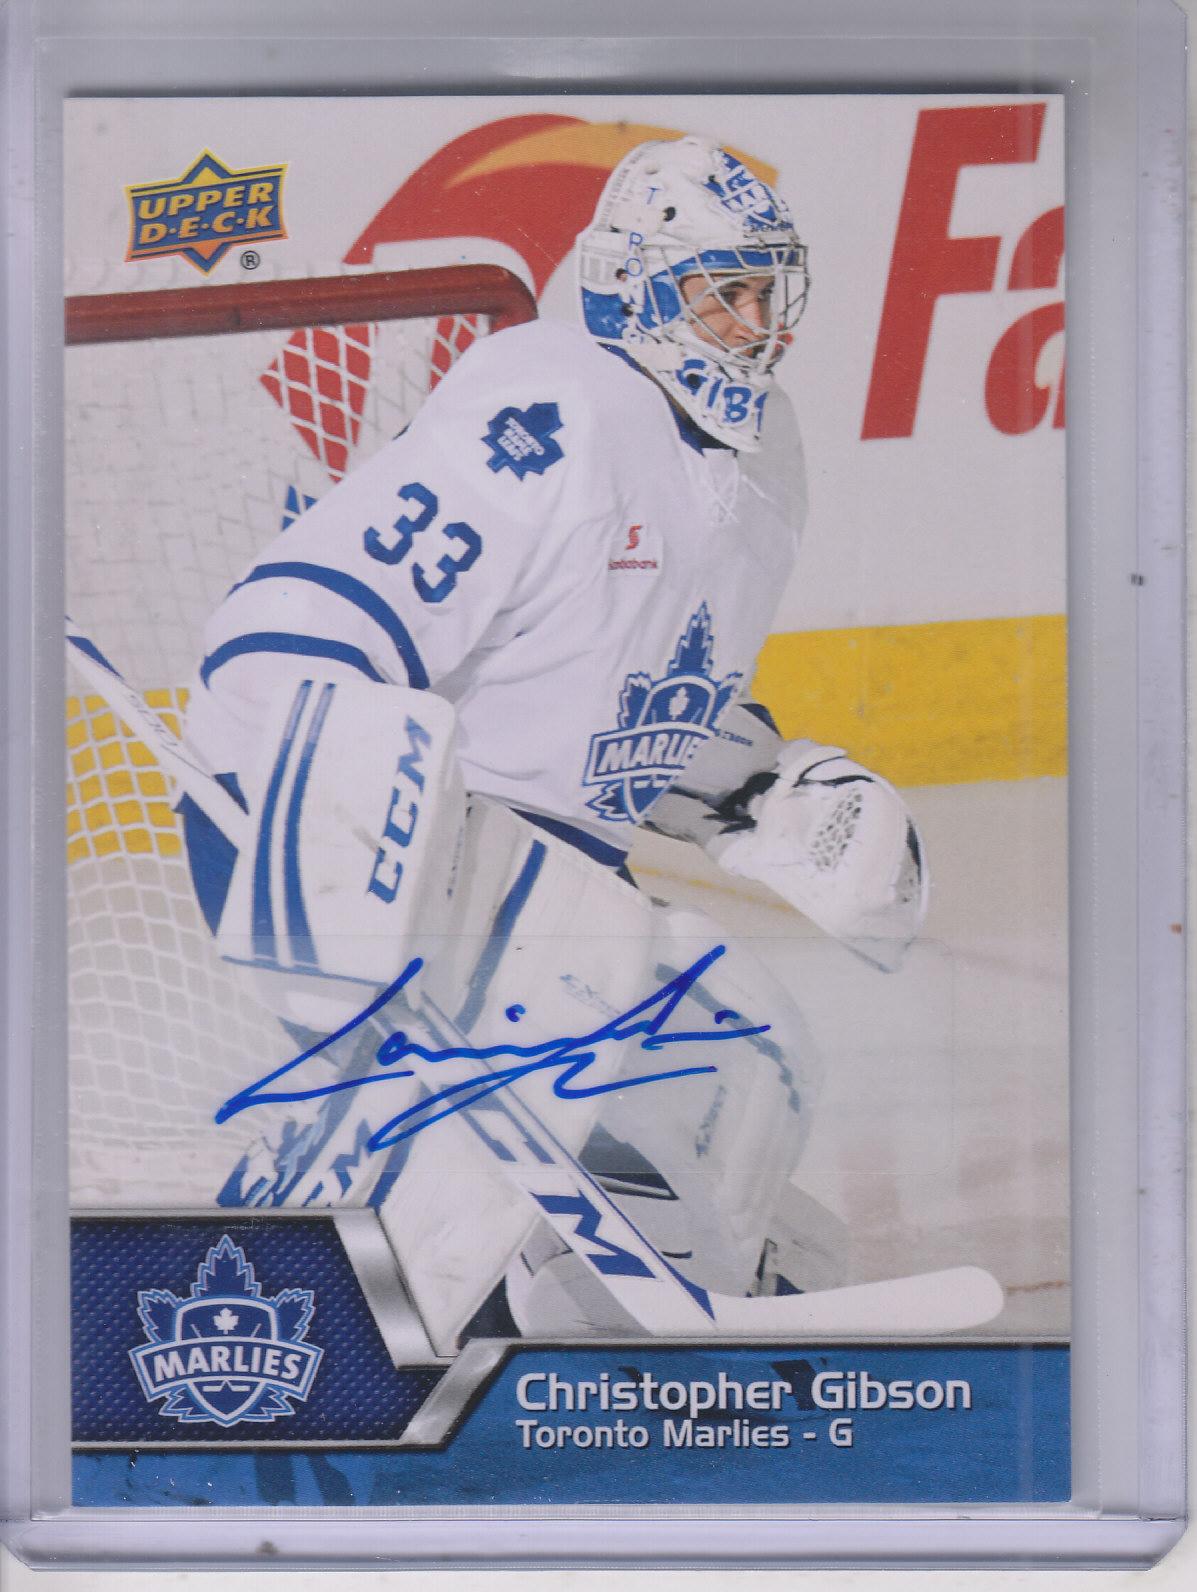 2014-15 Upper Deck AHL Autographs #33 Christopher Gibson